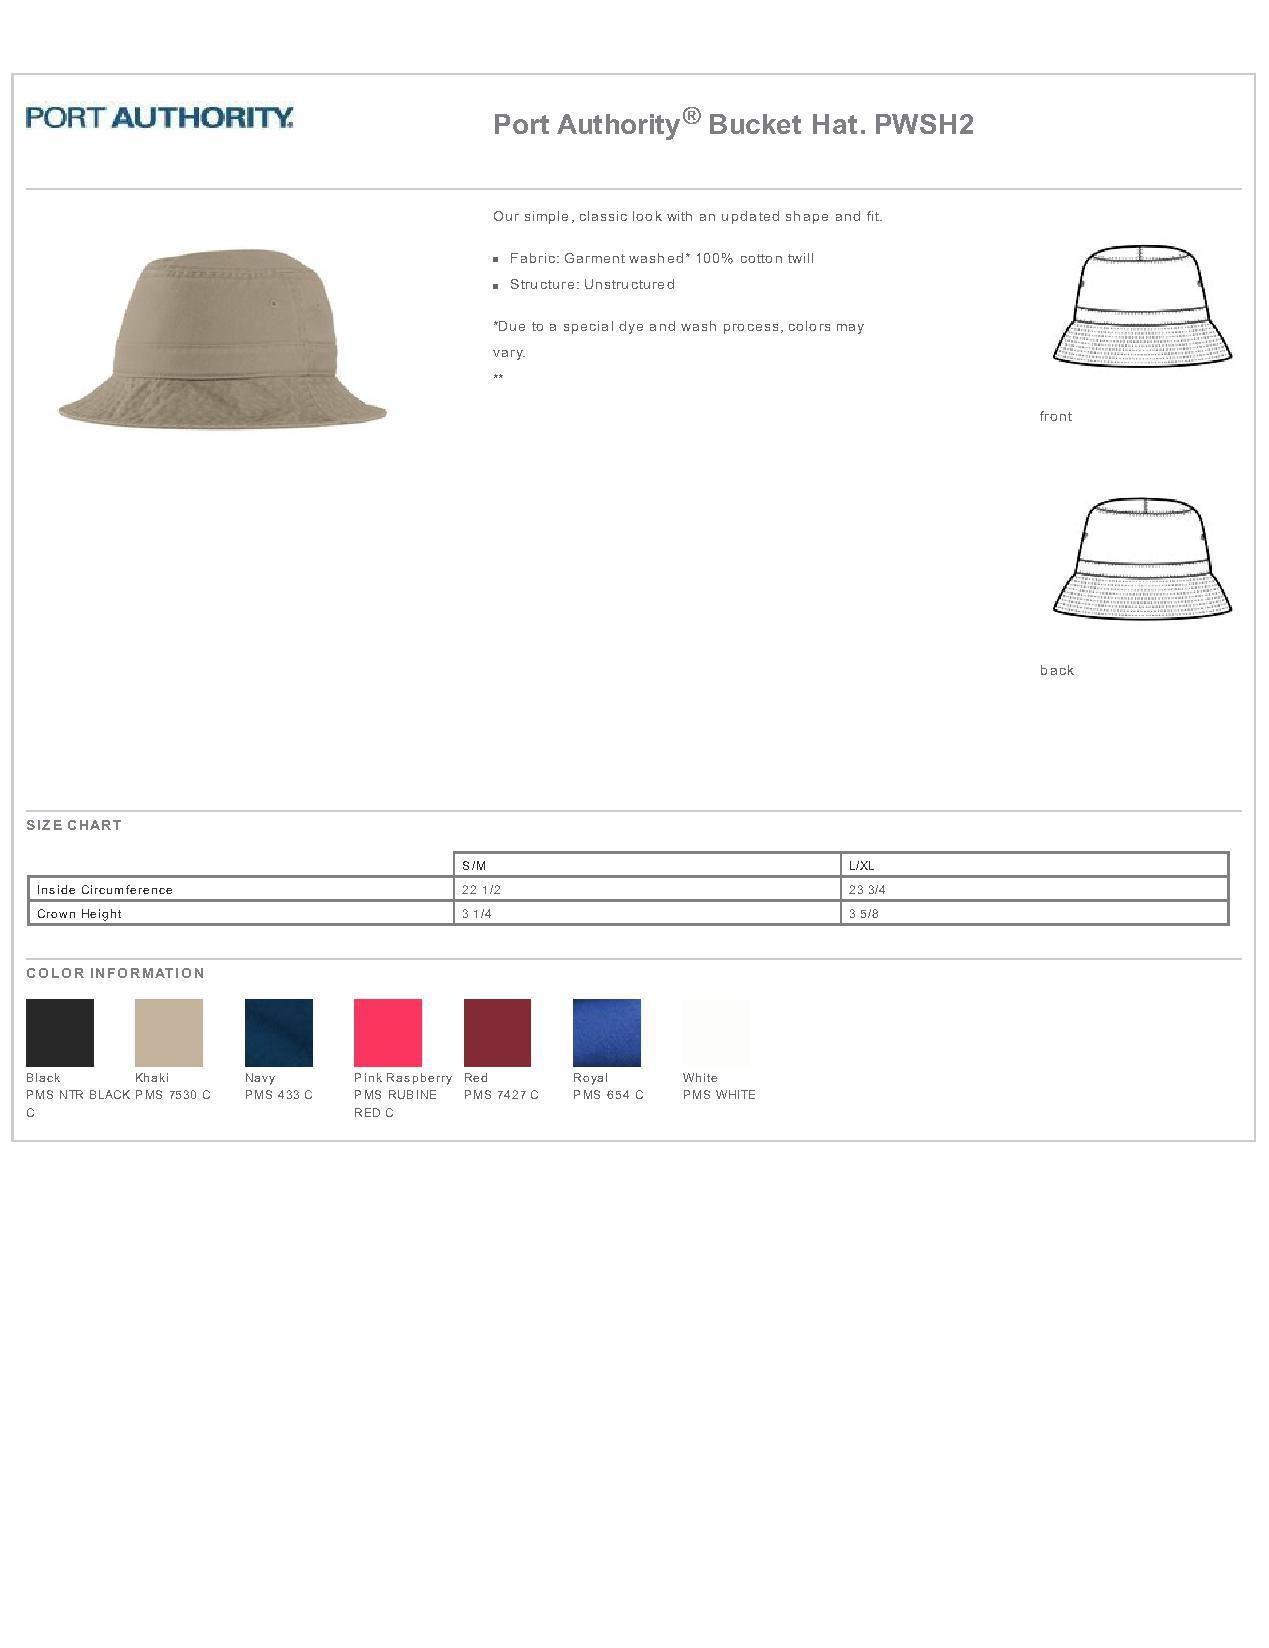 61d3e542f Port Authority® PWSH2 - Bucket Hat $6.61 - Headwear